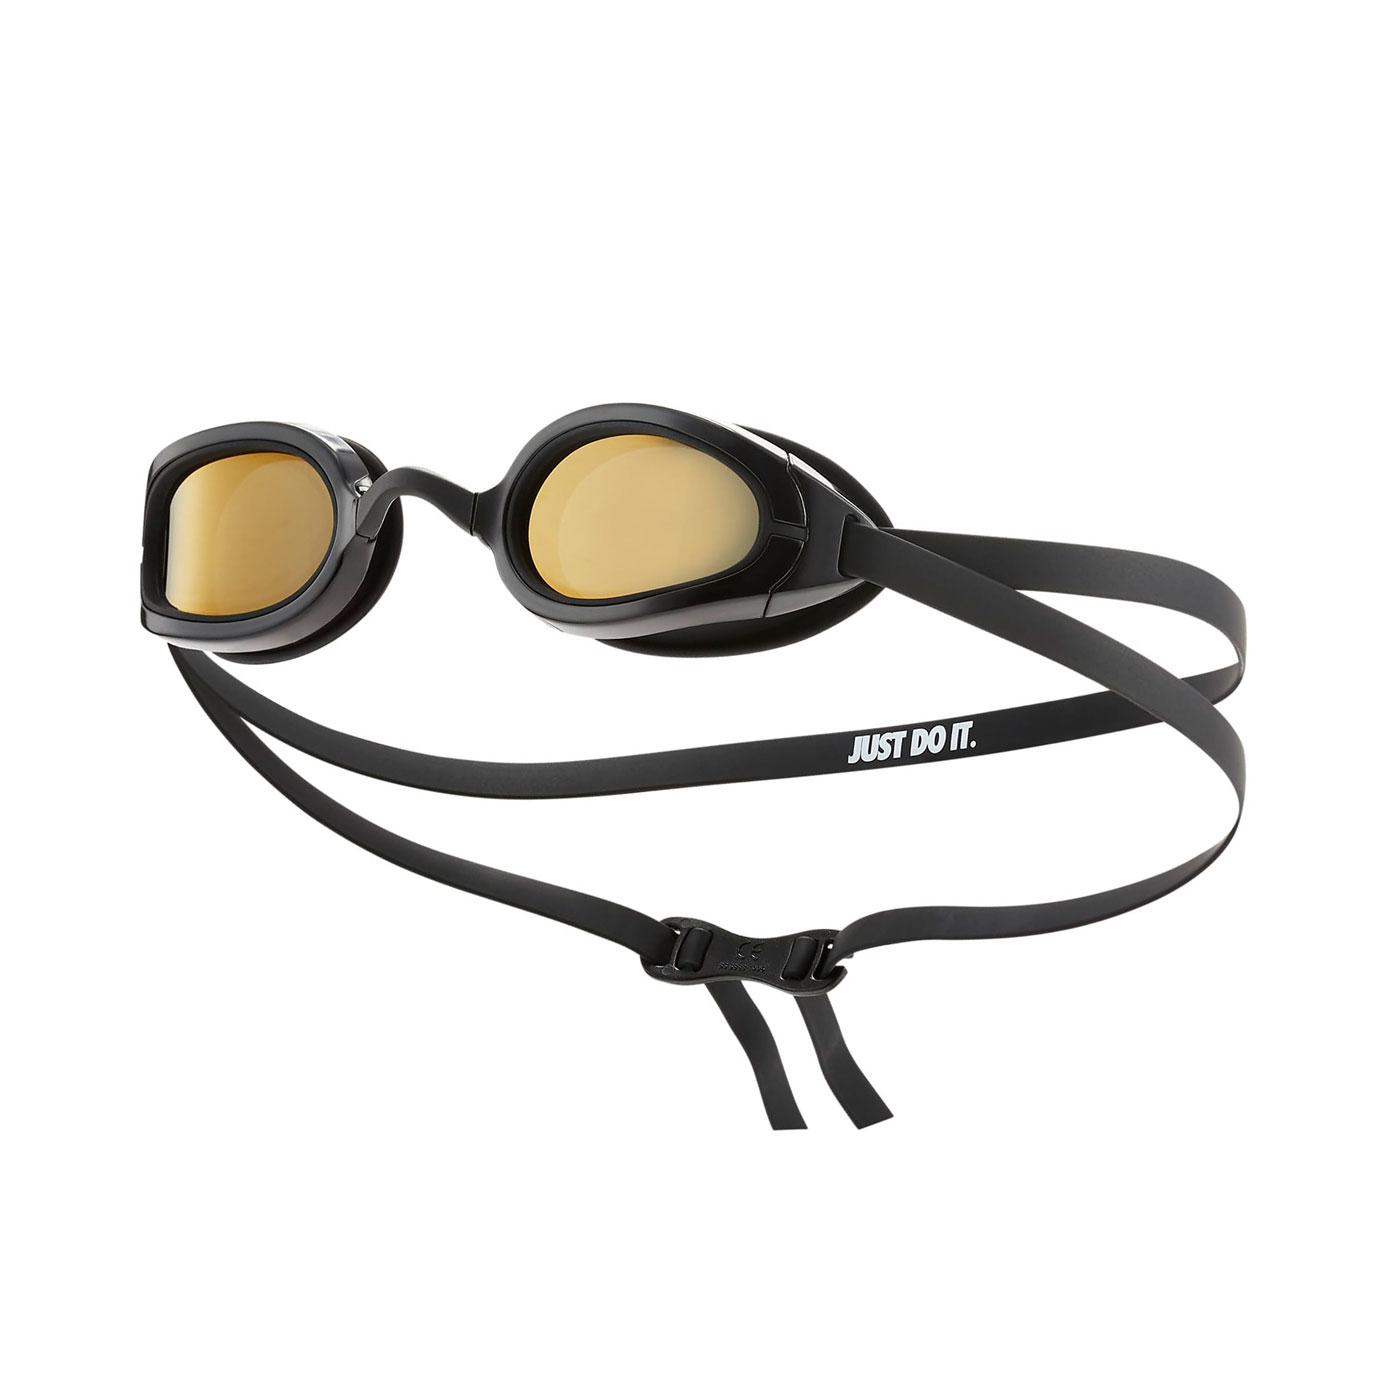 NIKE SWIM 成人抗眩光泳鏡 NESSB164-710